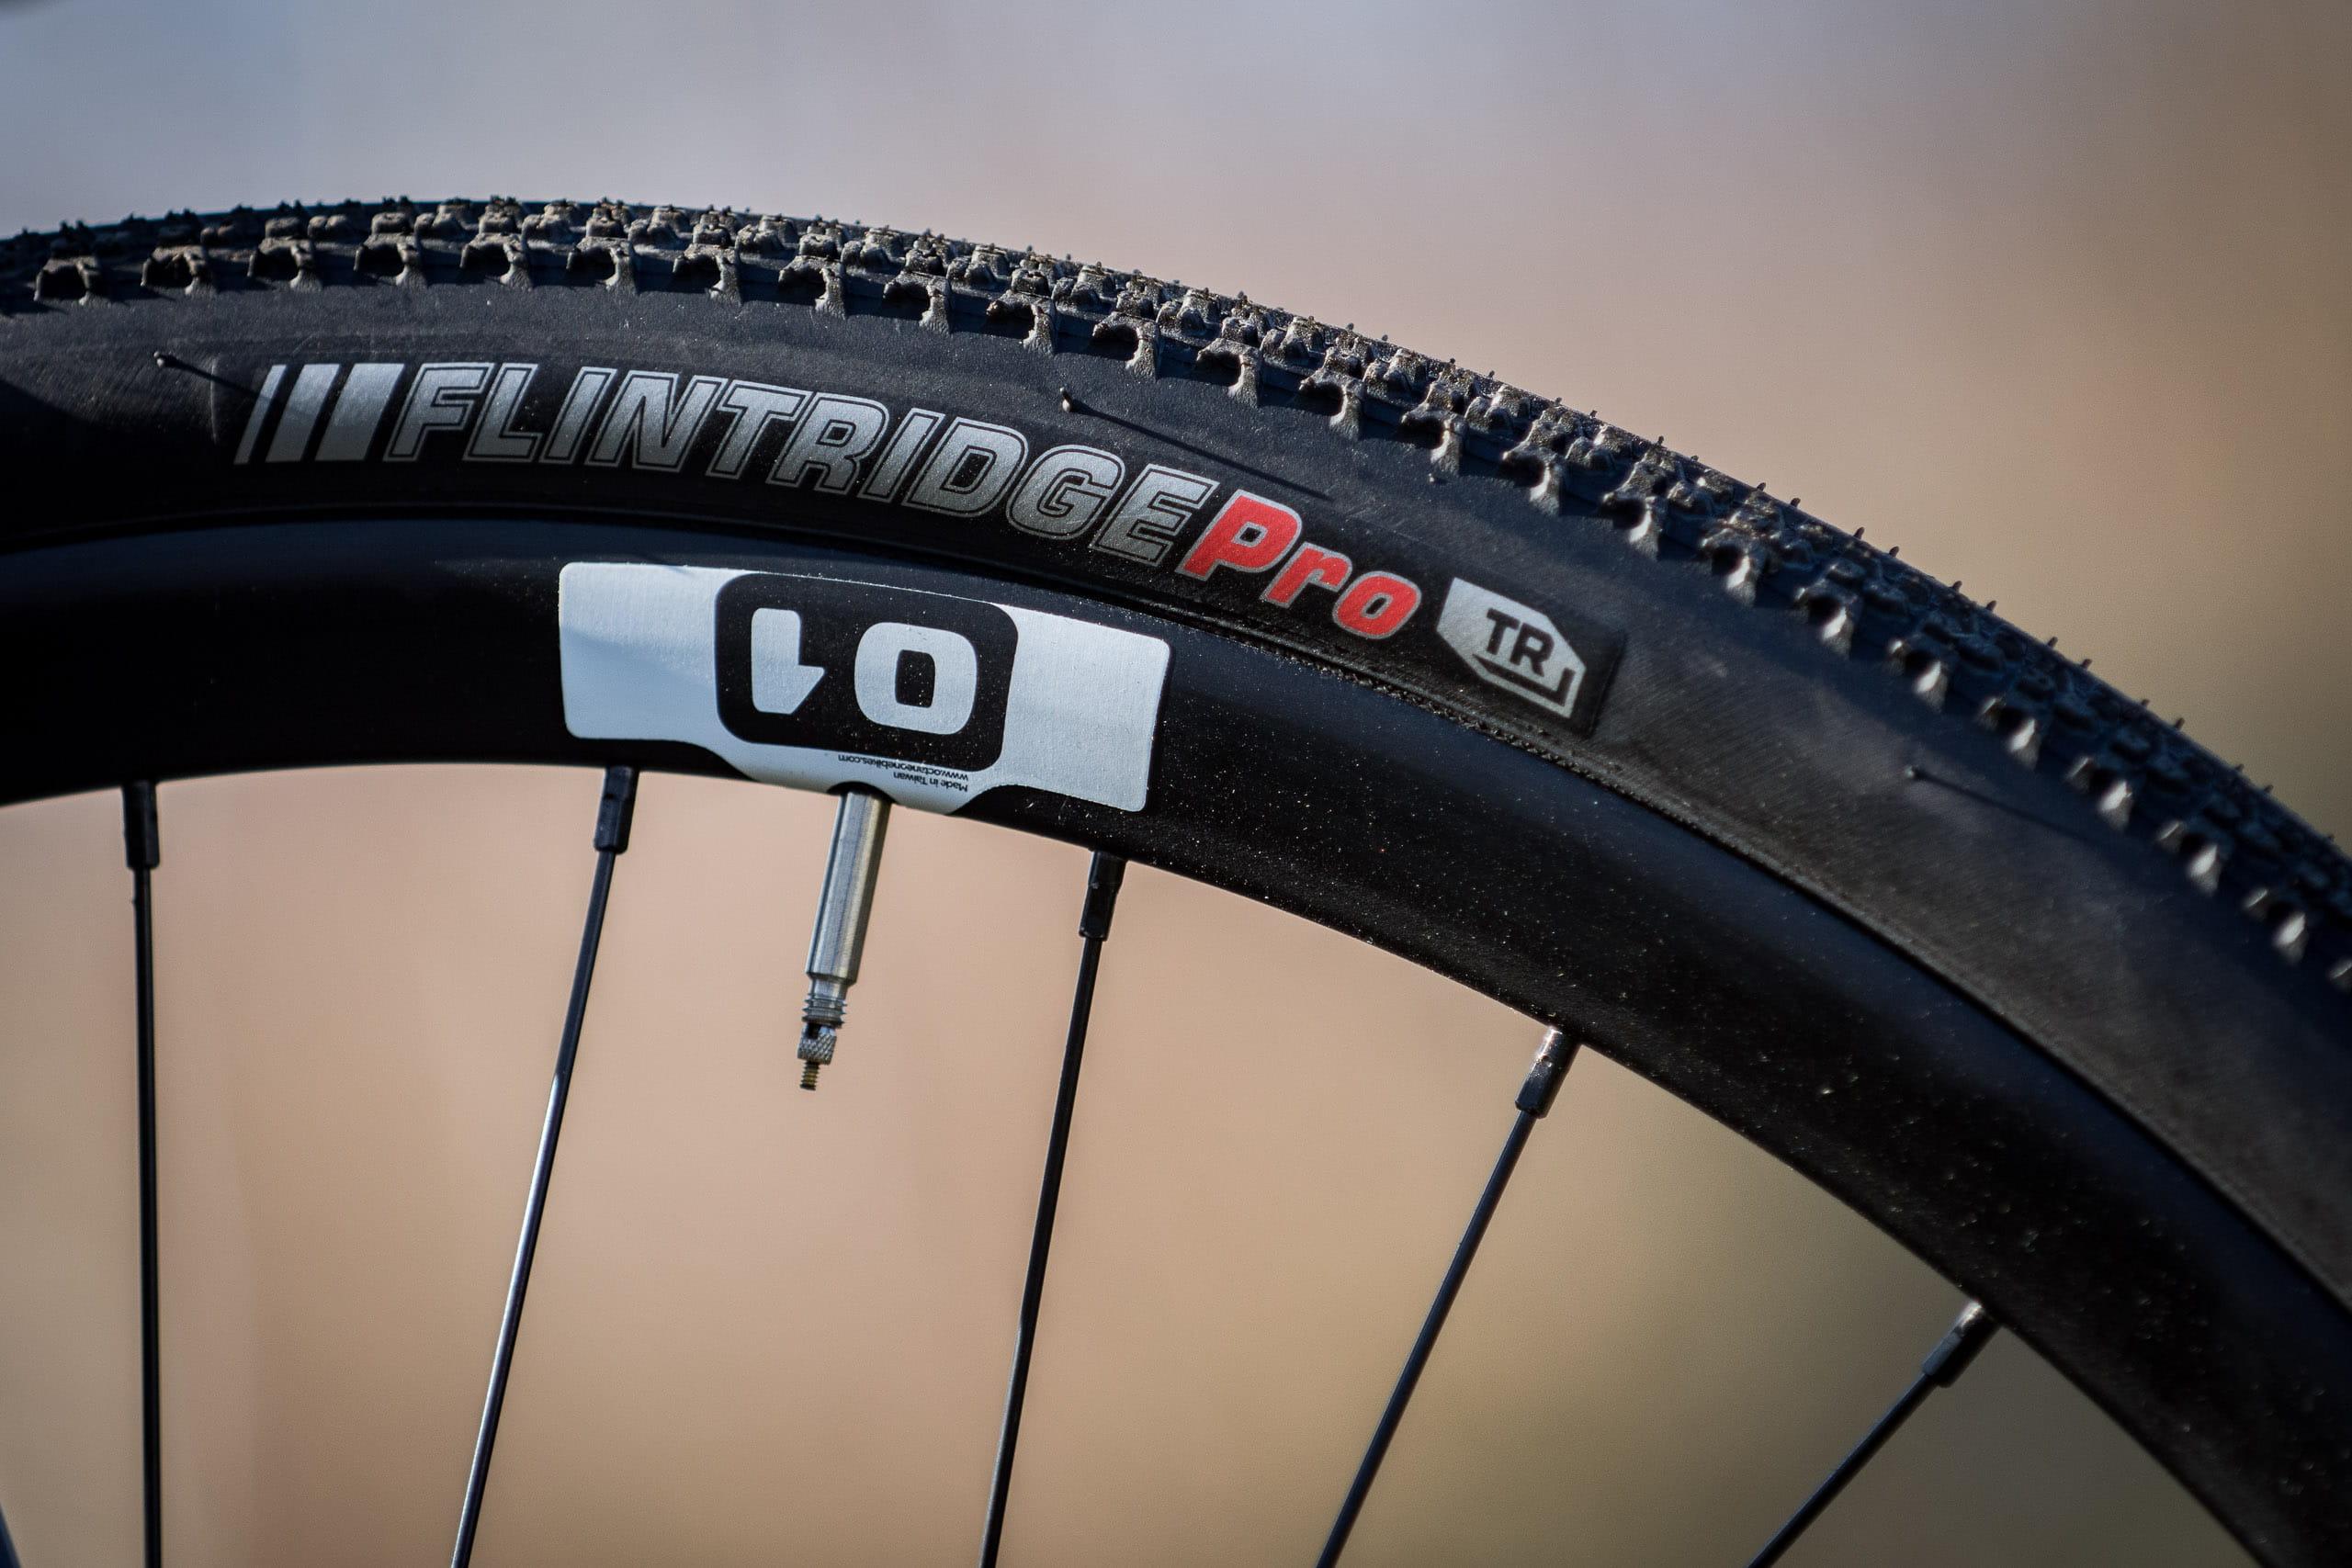 octane-one-gridd-gravel-bike-6